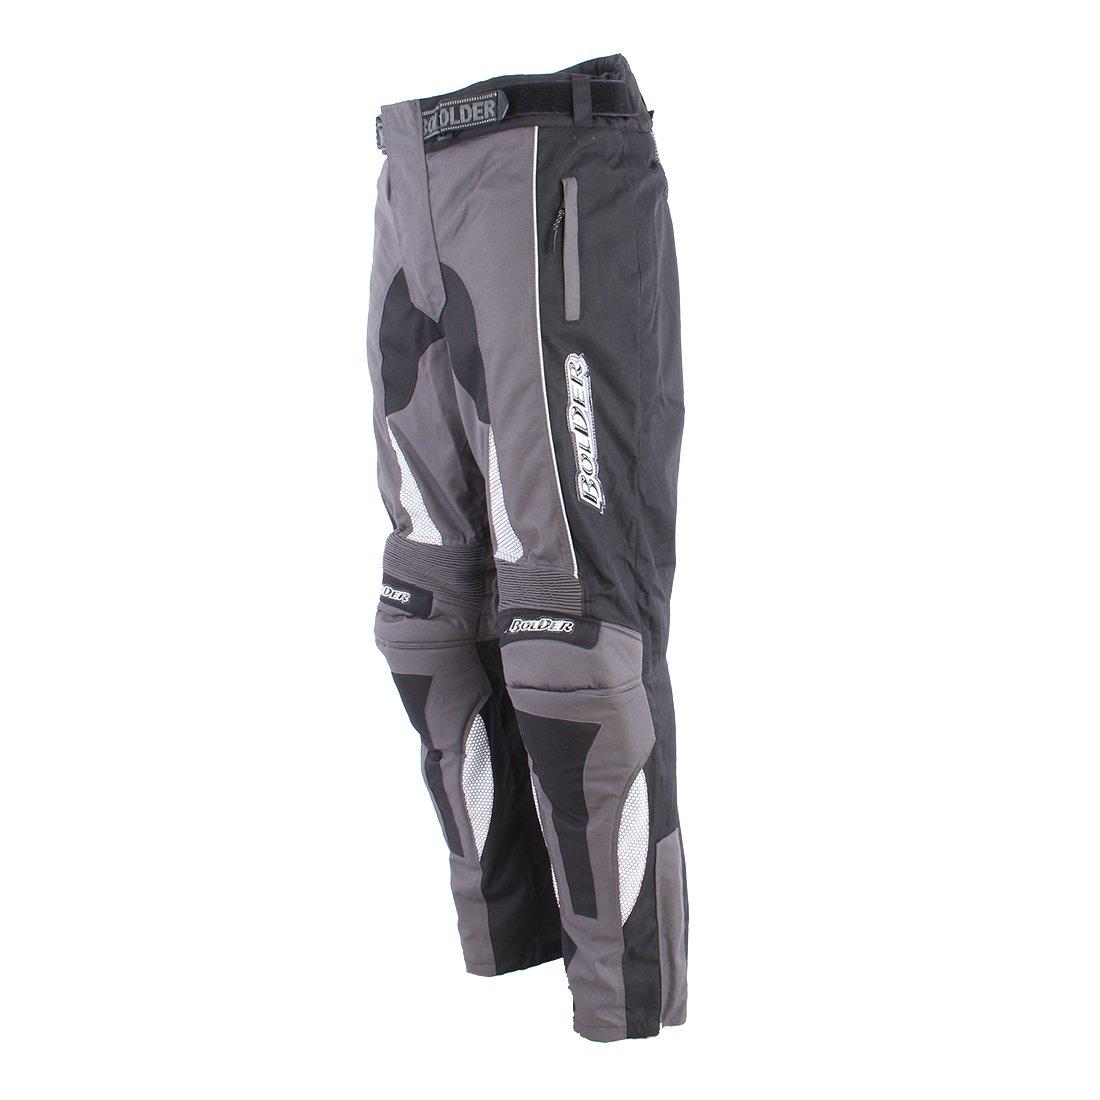 Pánské textilní kalhoty BOLDER Enduro 2067 (šedé) S